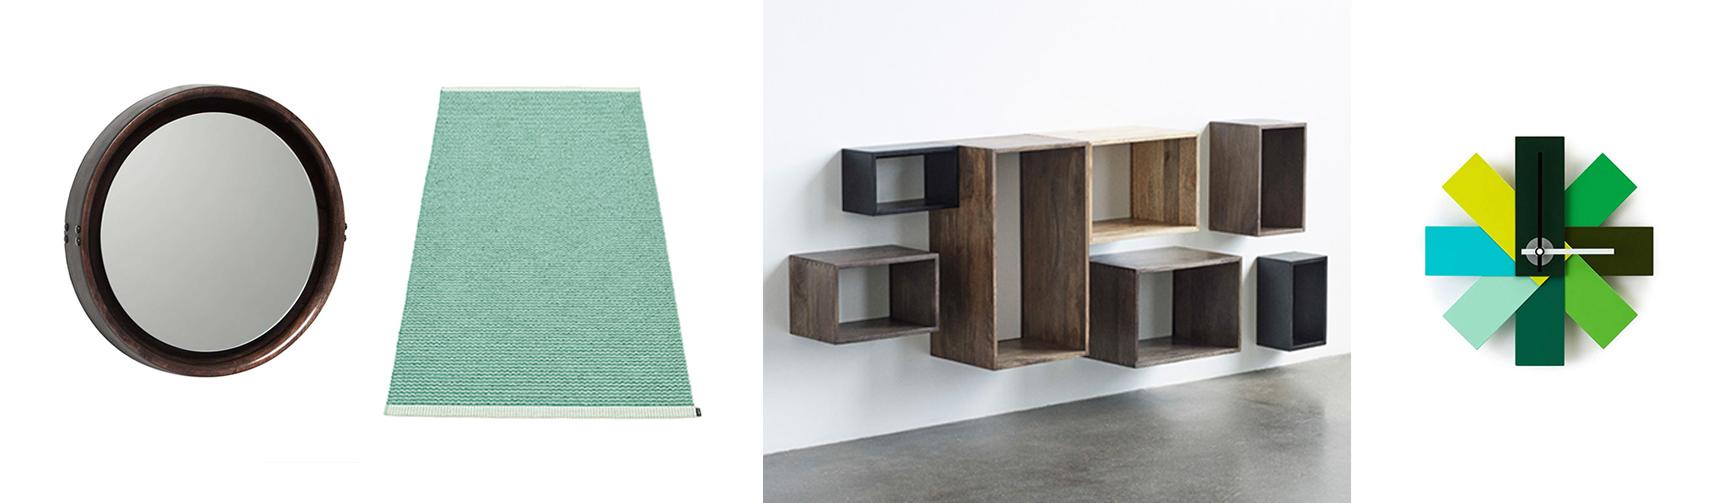 Mater Sophie Spiegel, pappelina Mono Outdoor Teppich Jade, Mater Box System Regal, Normann Copenhagen Watch Me Wanduhr